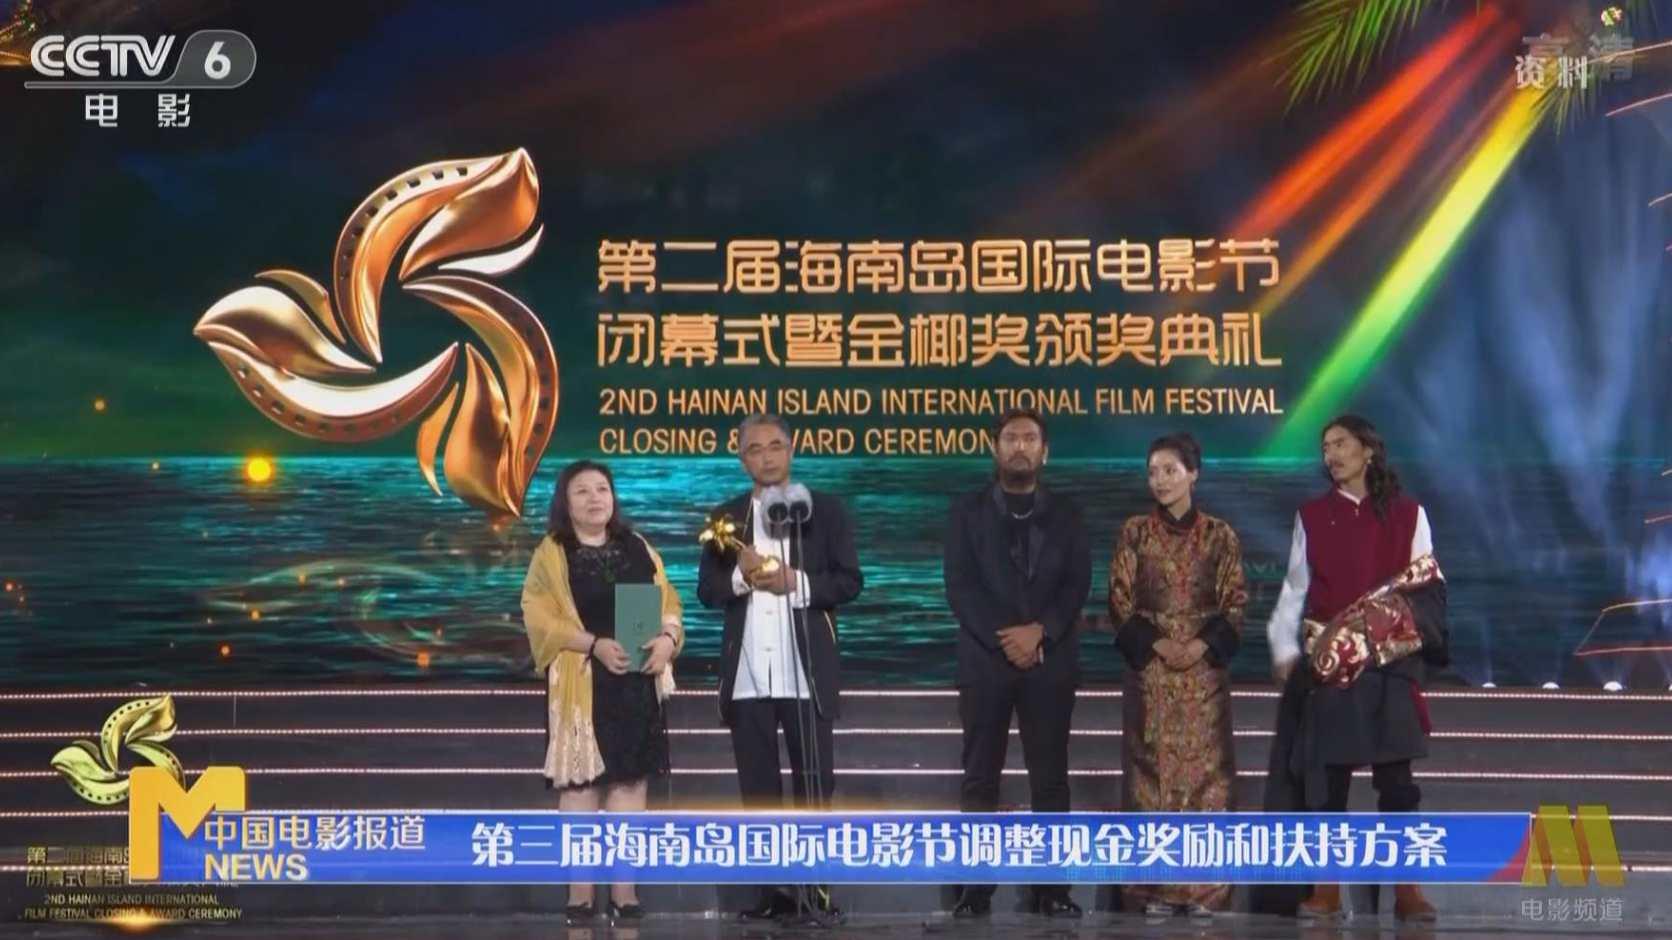 第三屆海南島國際電影節調整現金獎勵和扶持方案